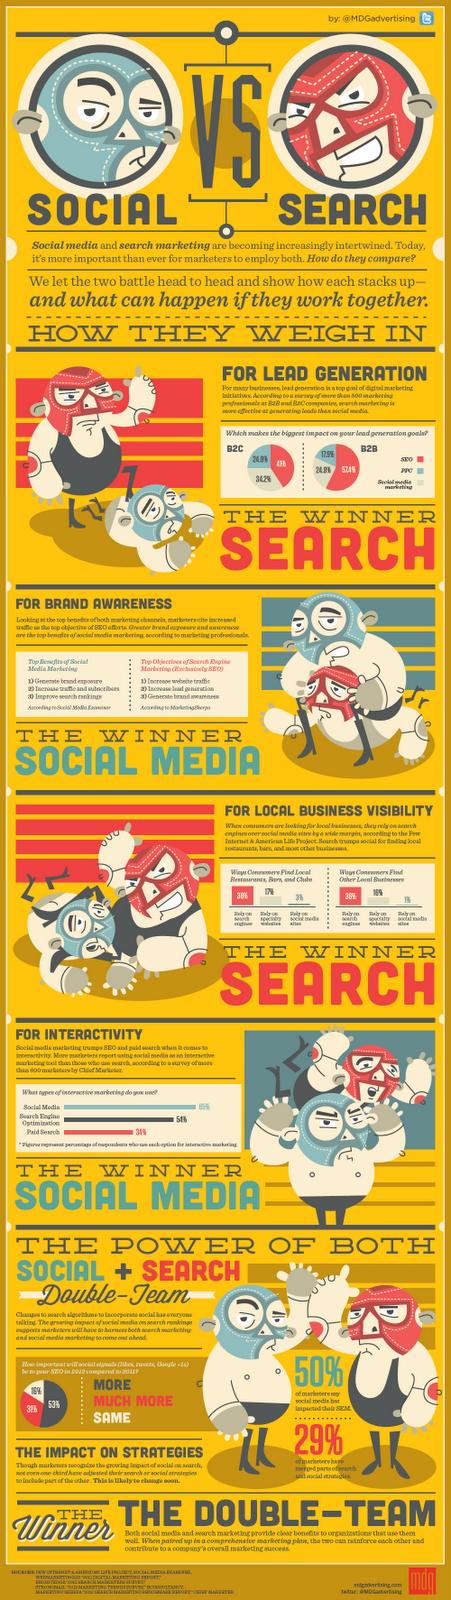 What's better Social Media or SEO